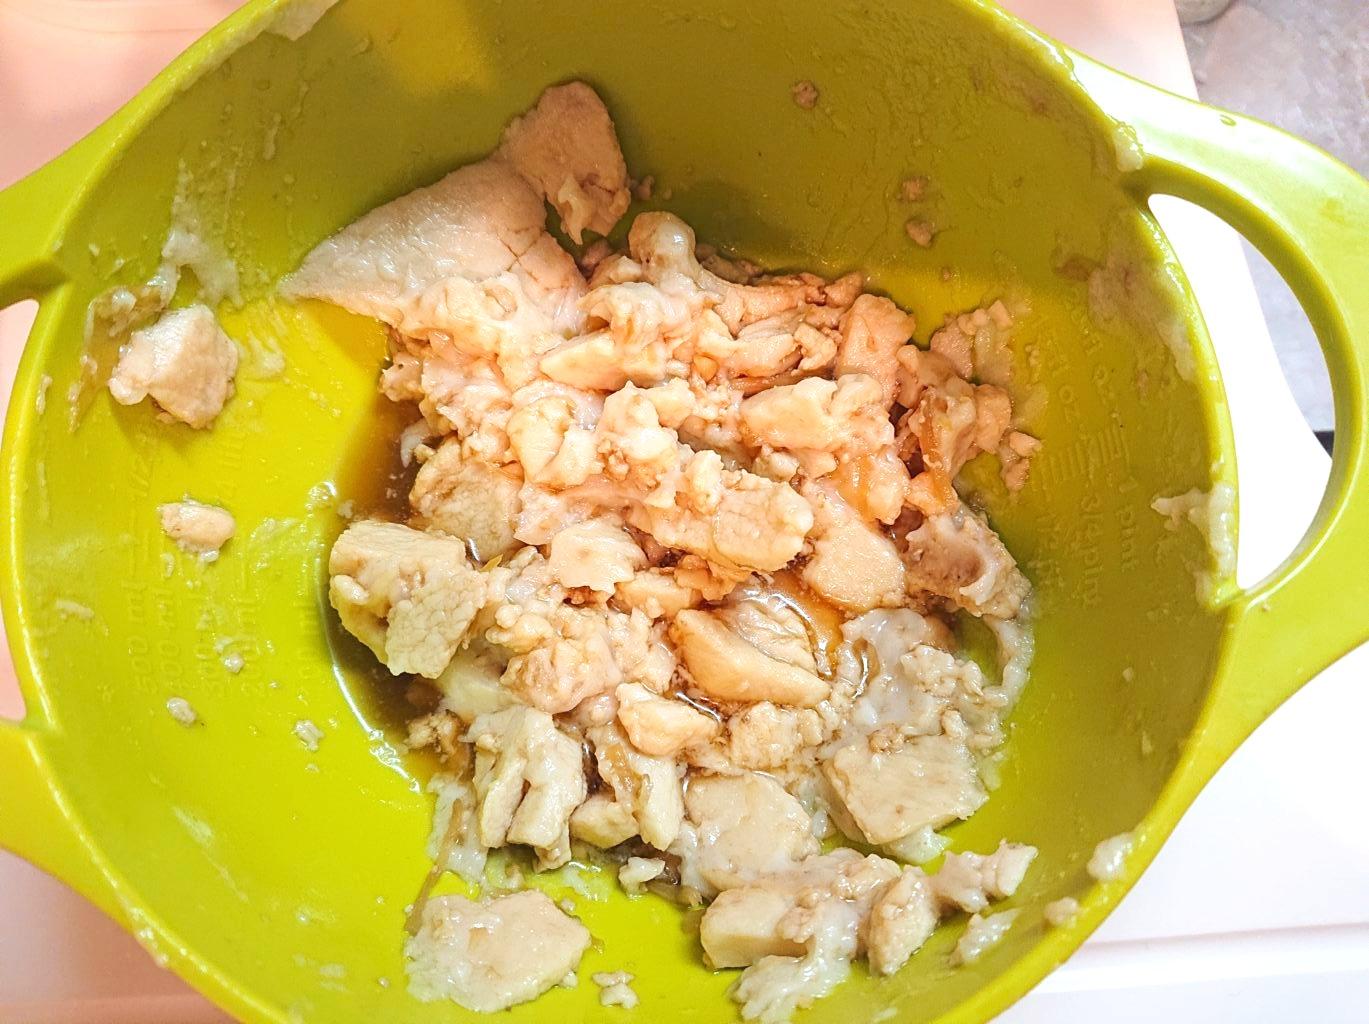 二郎のスープ 残った脂の塊